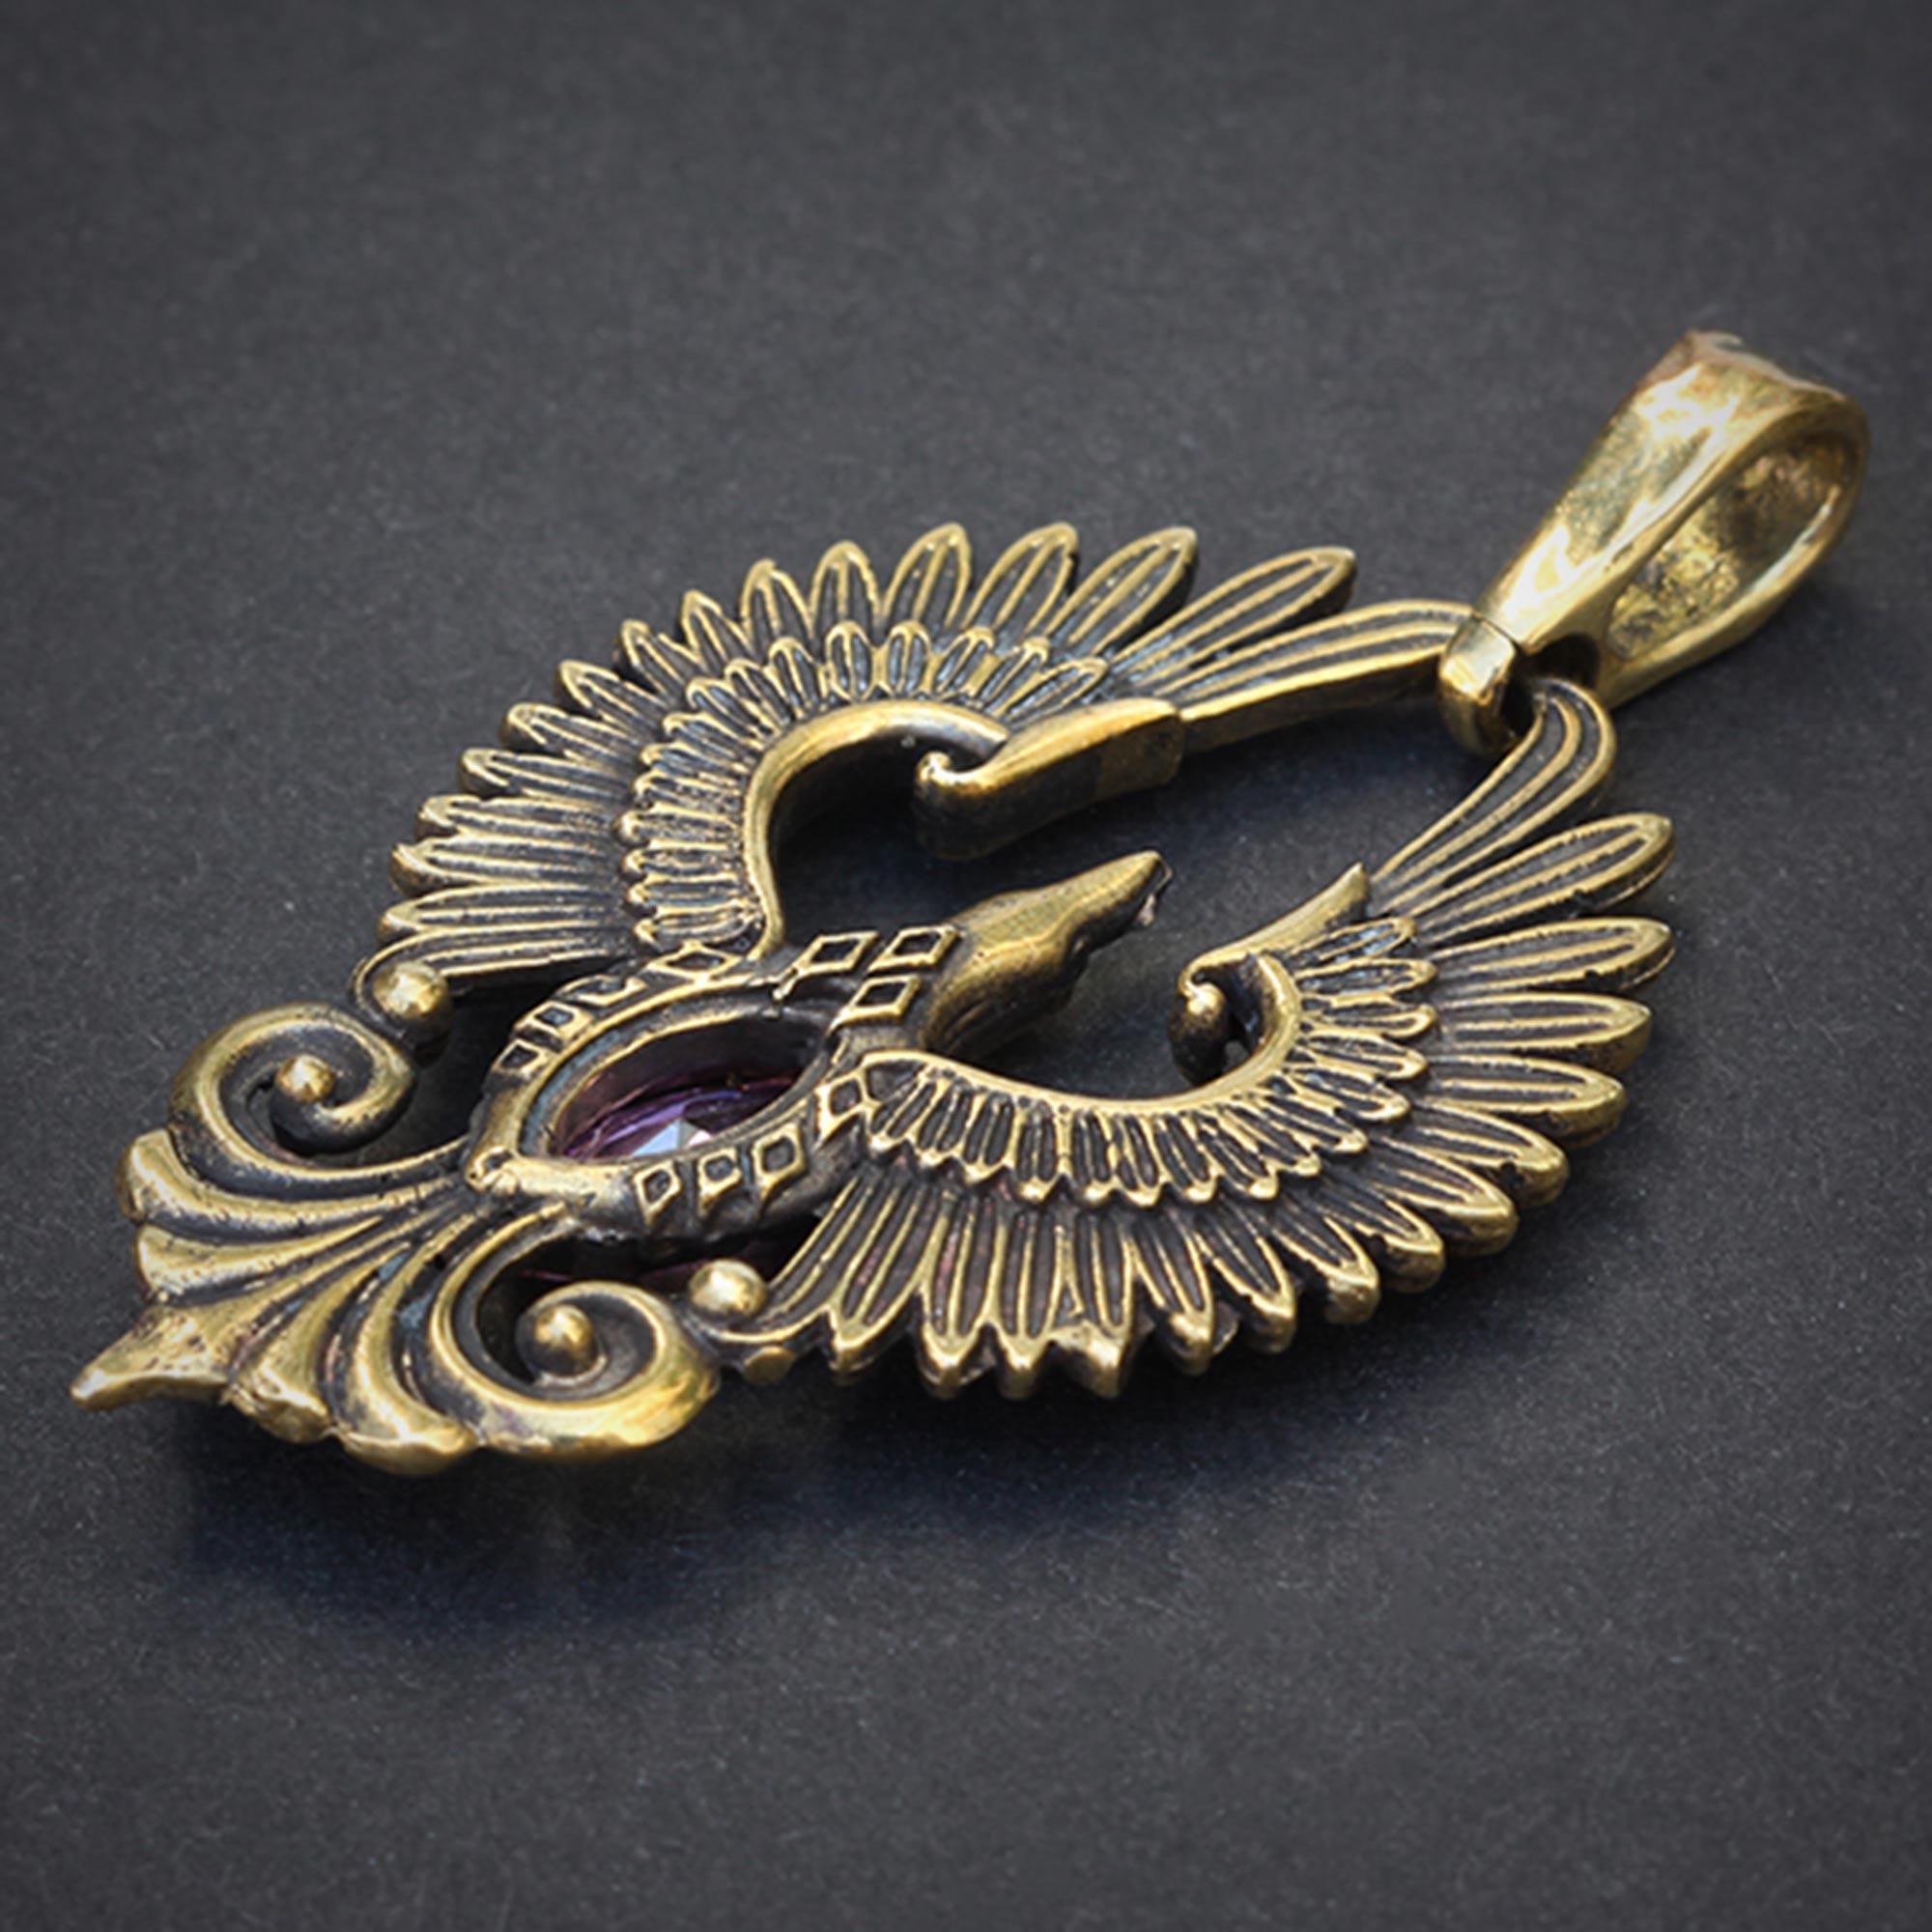 феникс бронзовый кулон купить в симферополе подарок девушке кулон подарок парню купить в крыму оптом